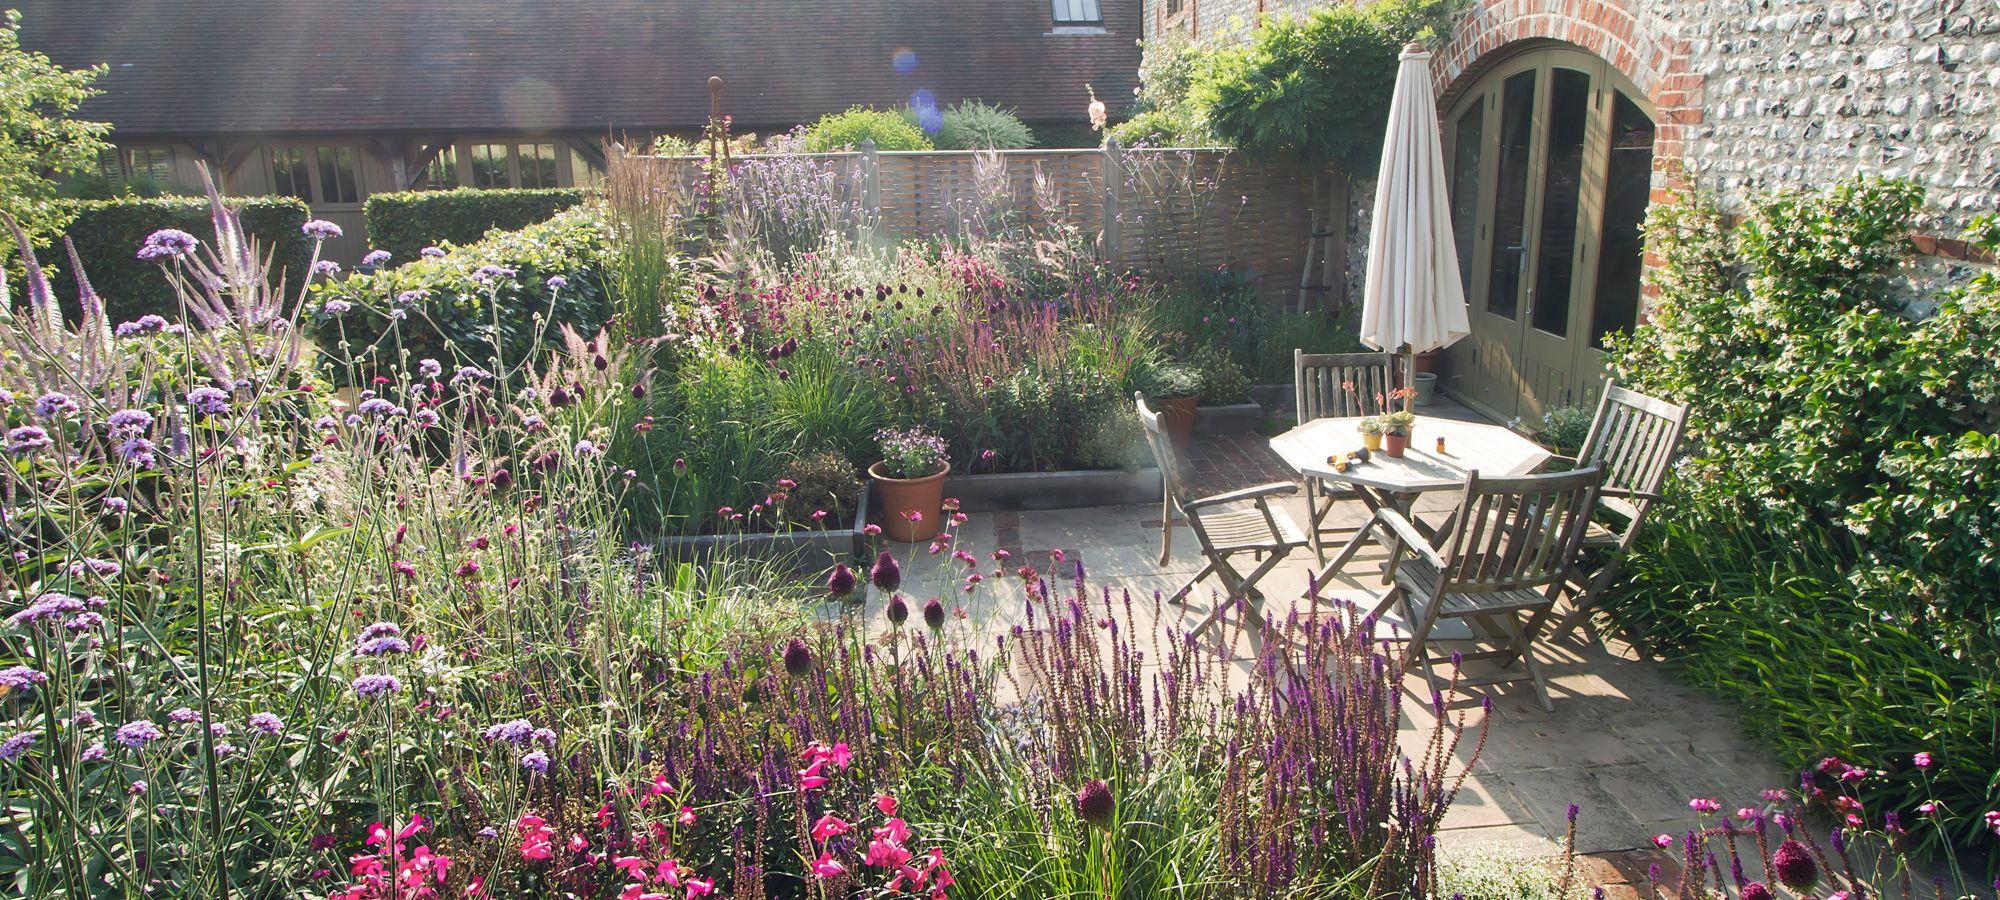 Garden Design By Mike Havey Gardens Garden Design Sussex Gardens Mike Harvey